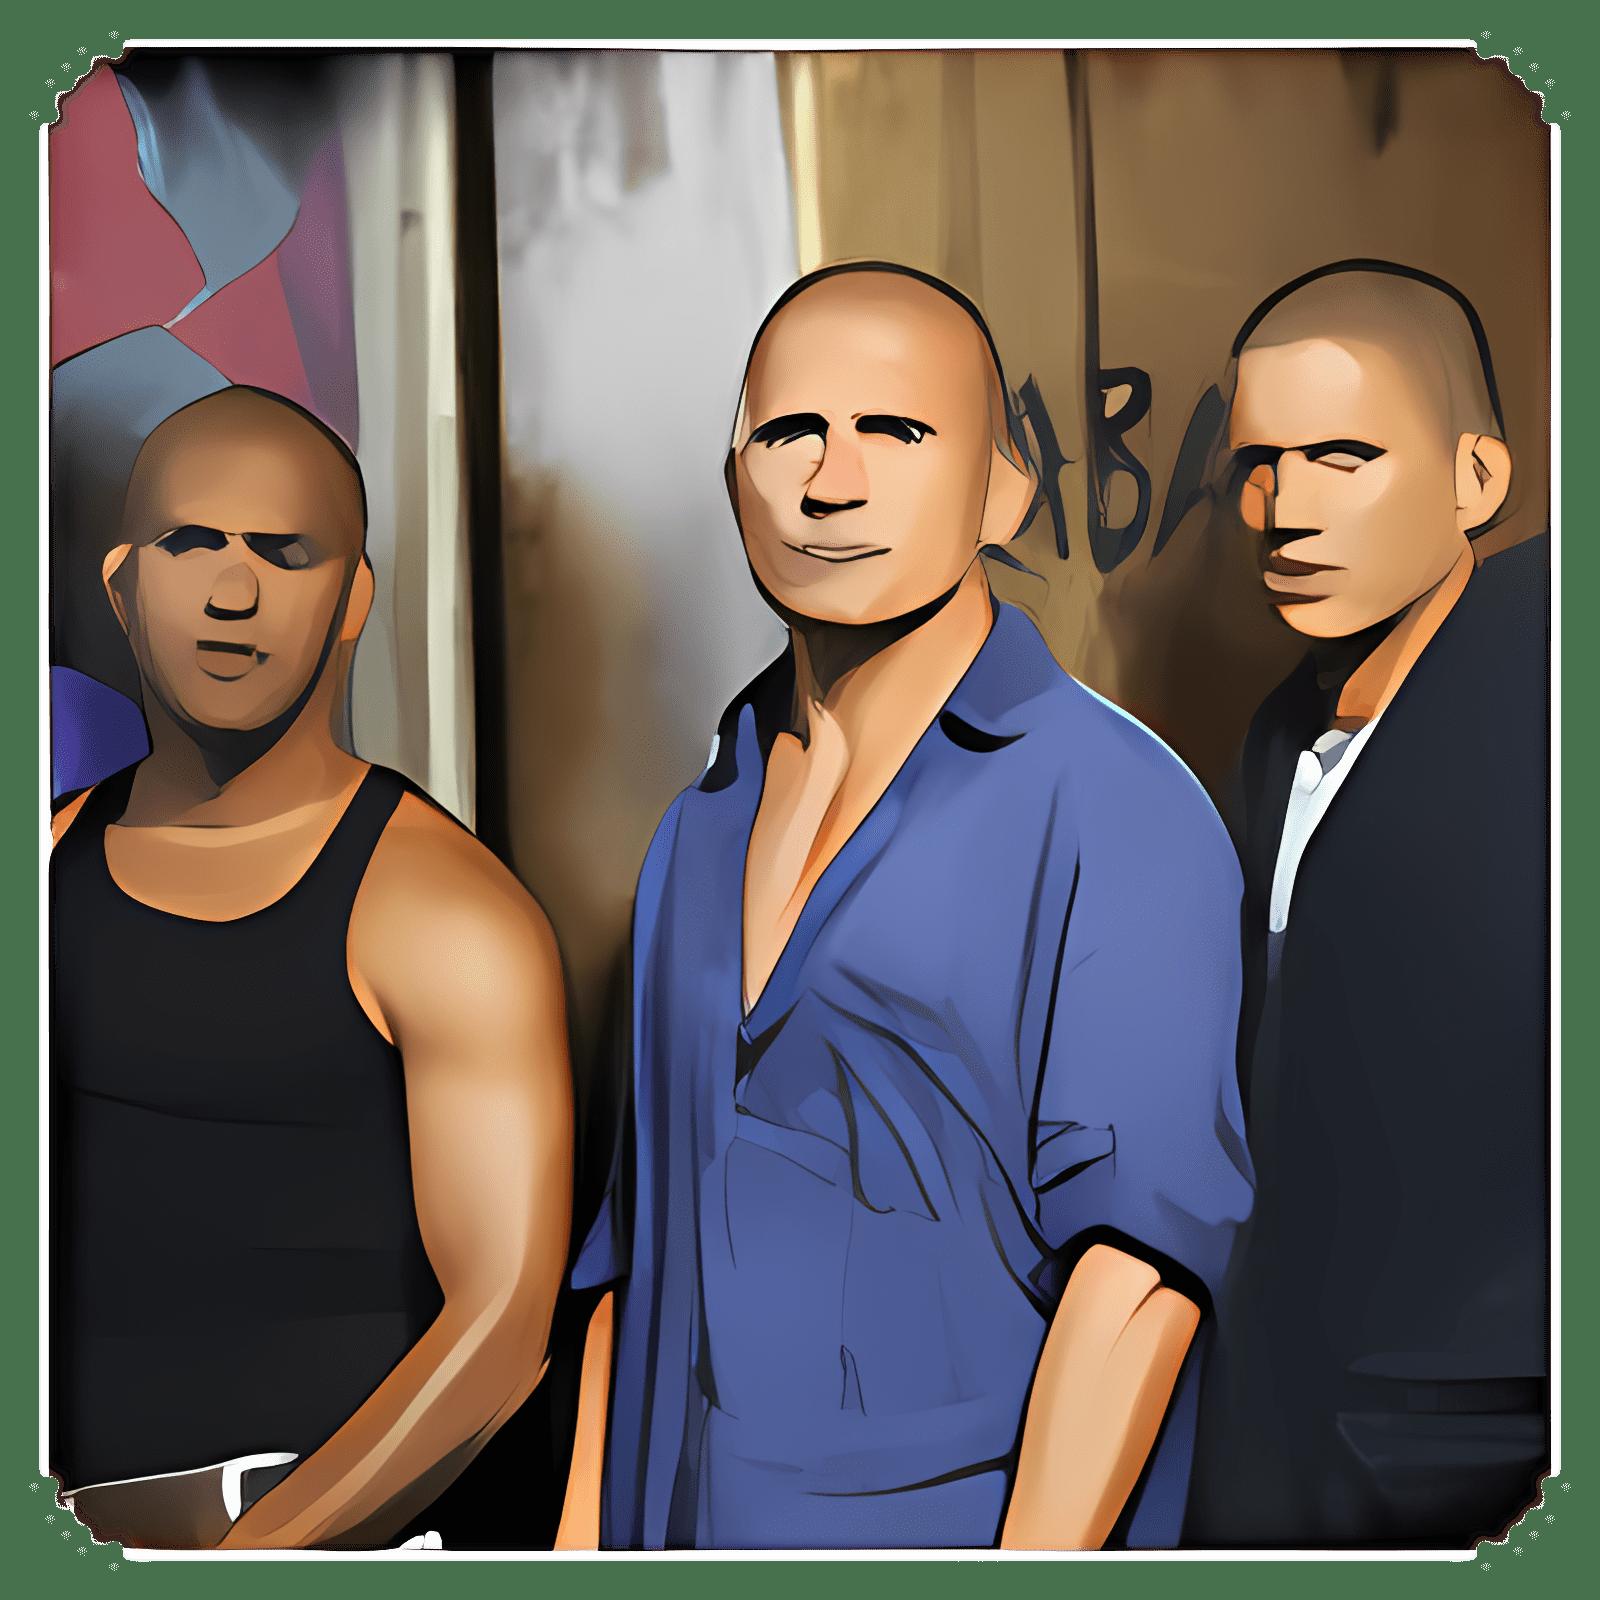 Fond d'écran Prison Break - Les détenus